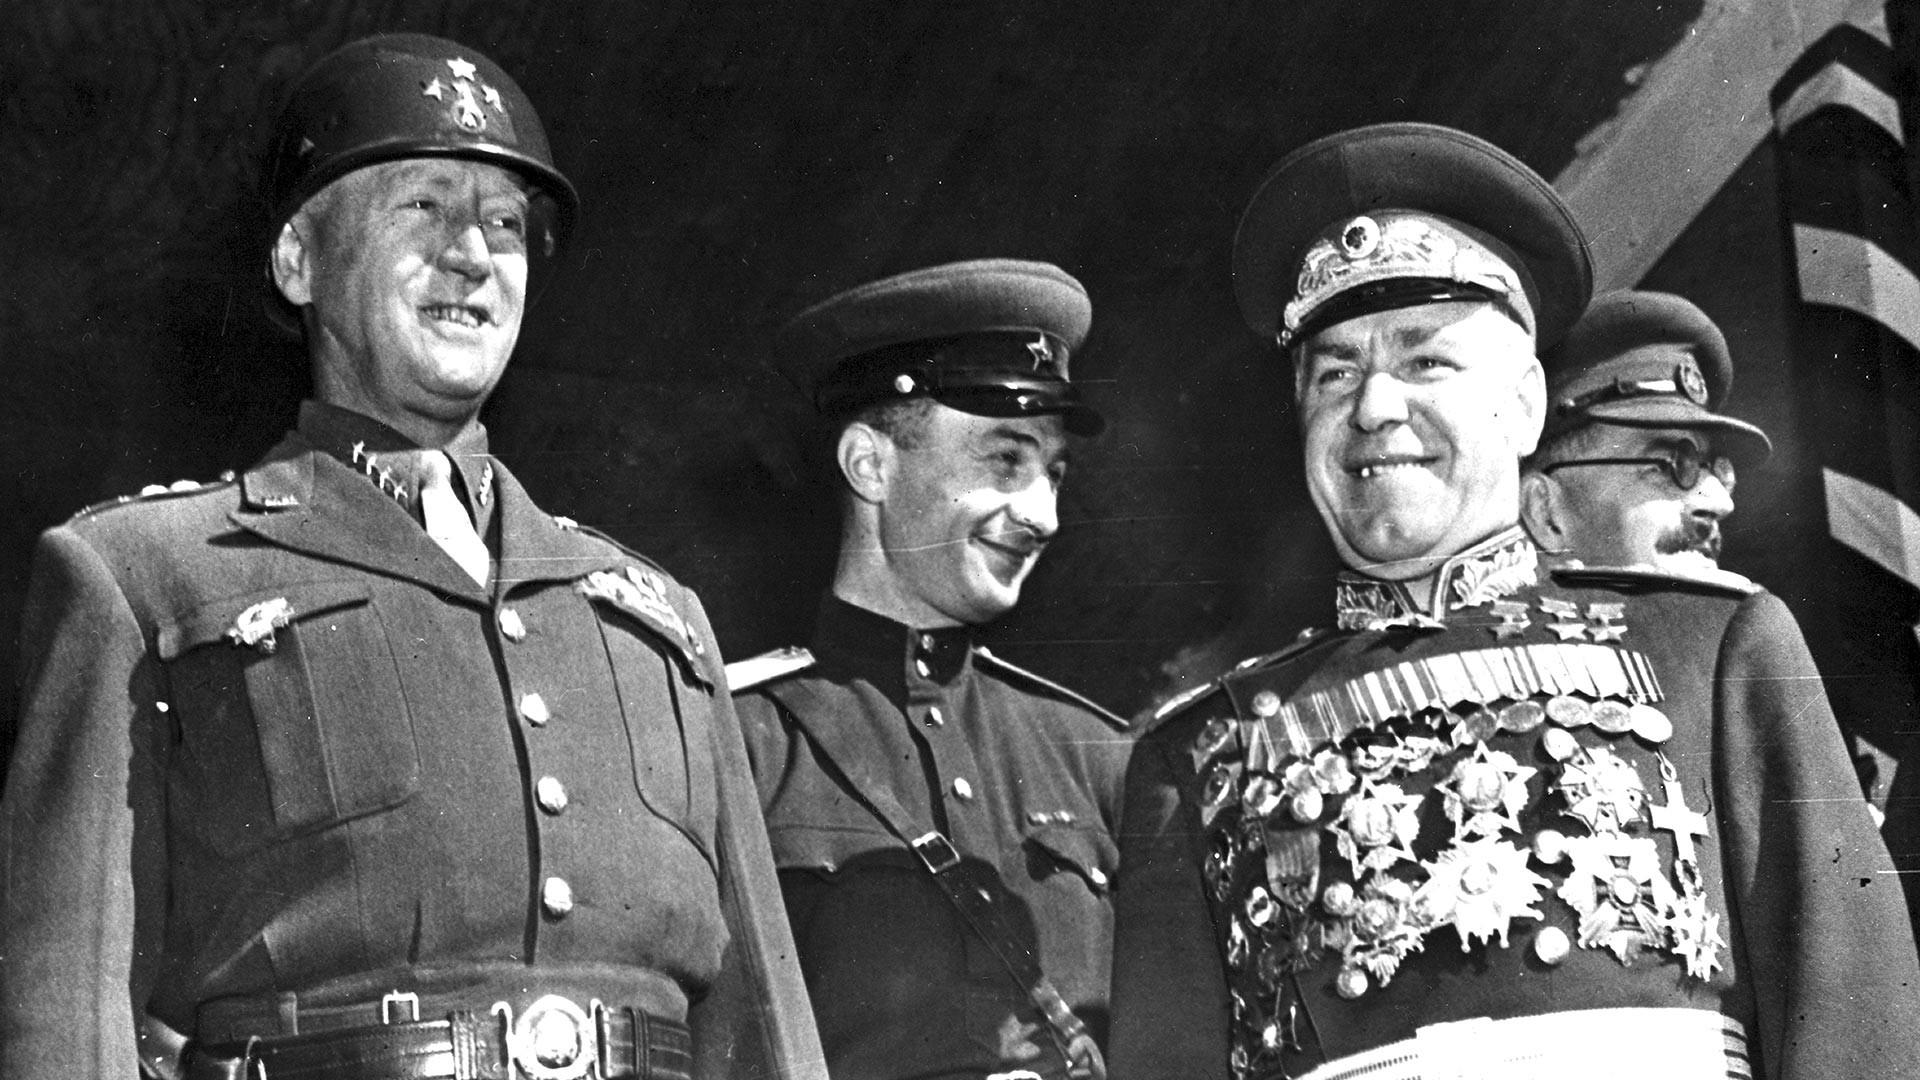 Джордж Паттон (первый слева) и Георгий Жуков (второй справа) в ходе парада союзников.